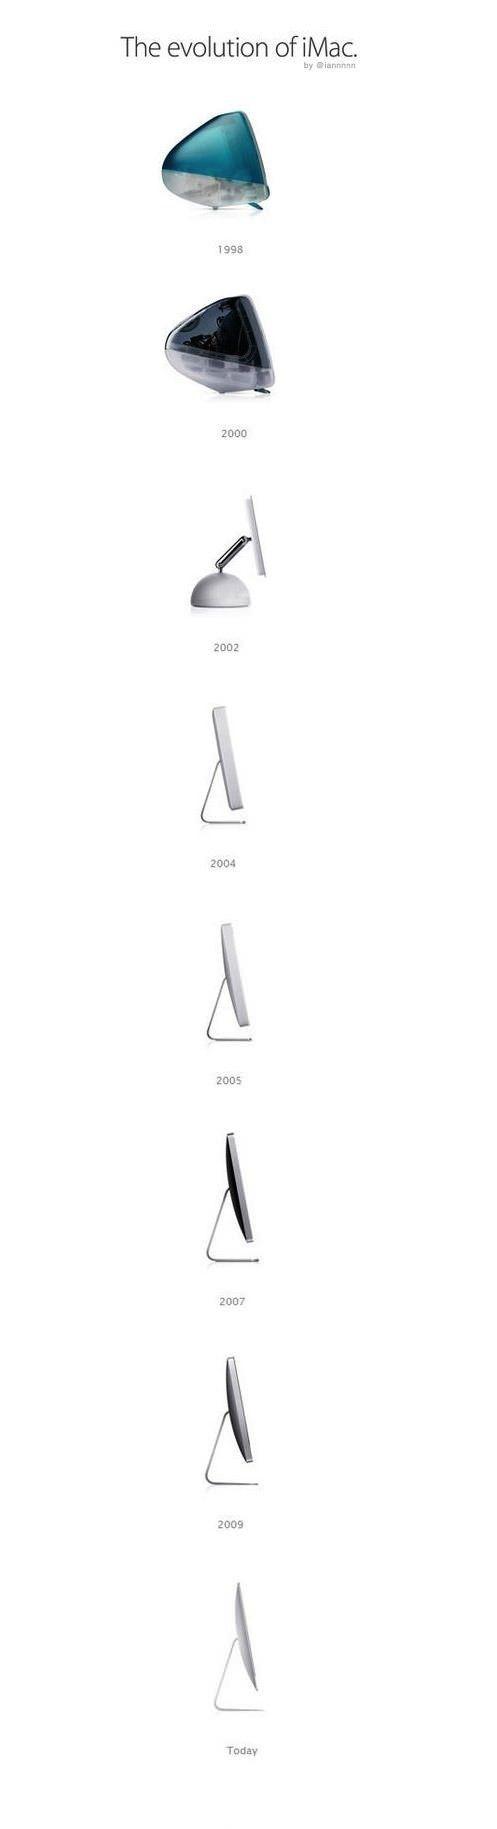 L'evoluzione dell'iMac